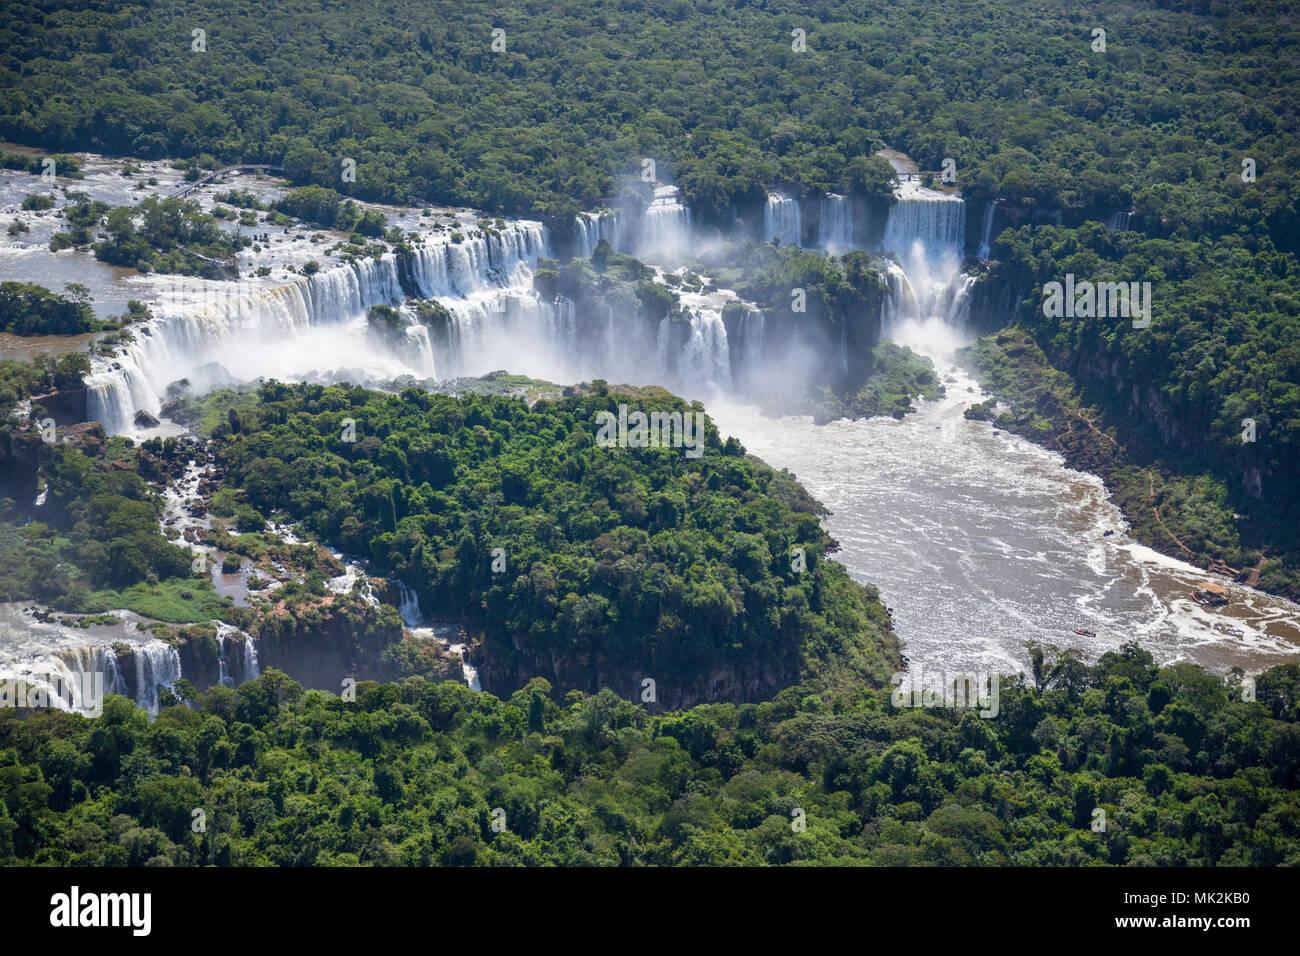 Vista aerea del Iguassu o cascate Iguacu - il più grande del mondo sistema a cascata sul confine del Brasile un Argentina Immagini Stock